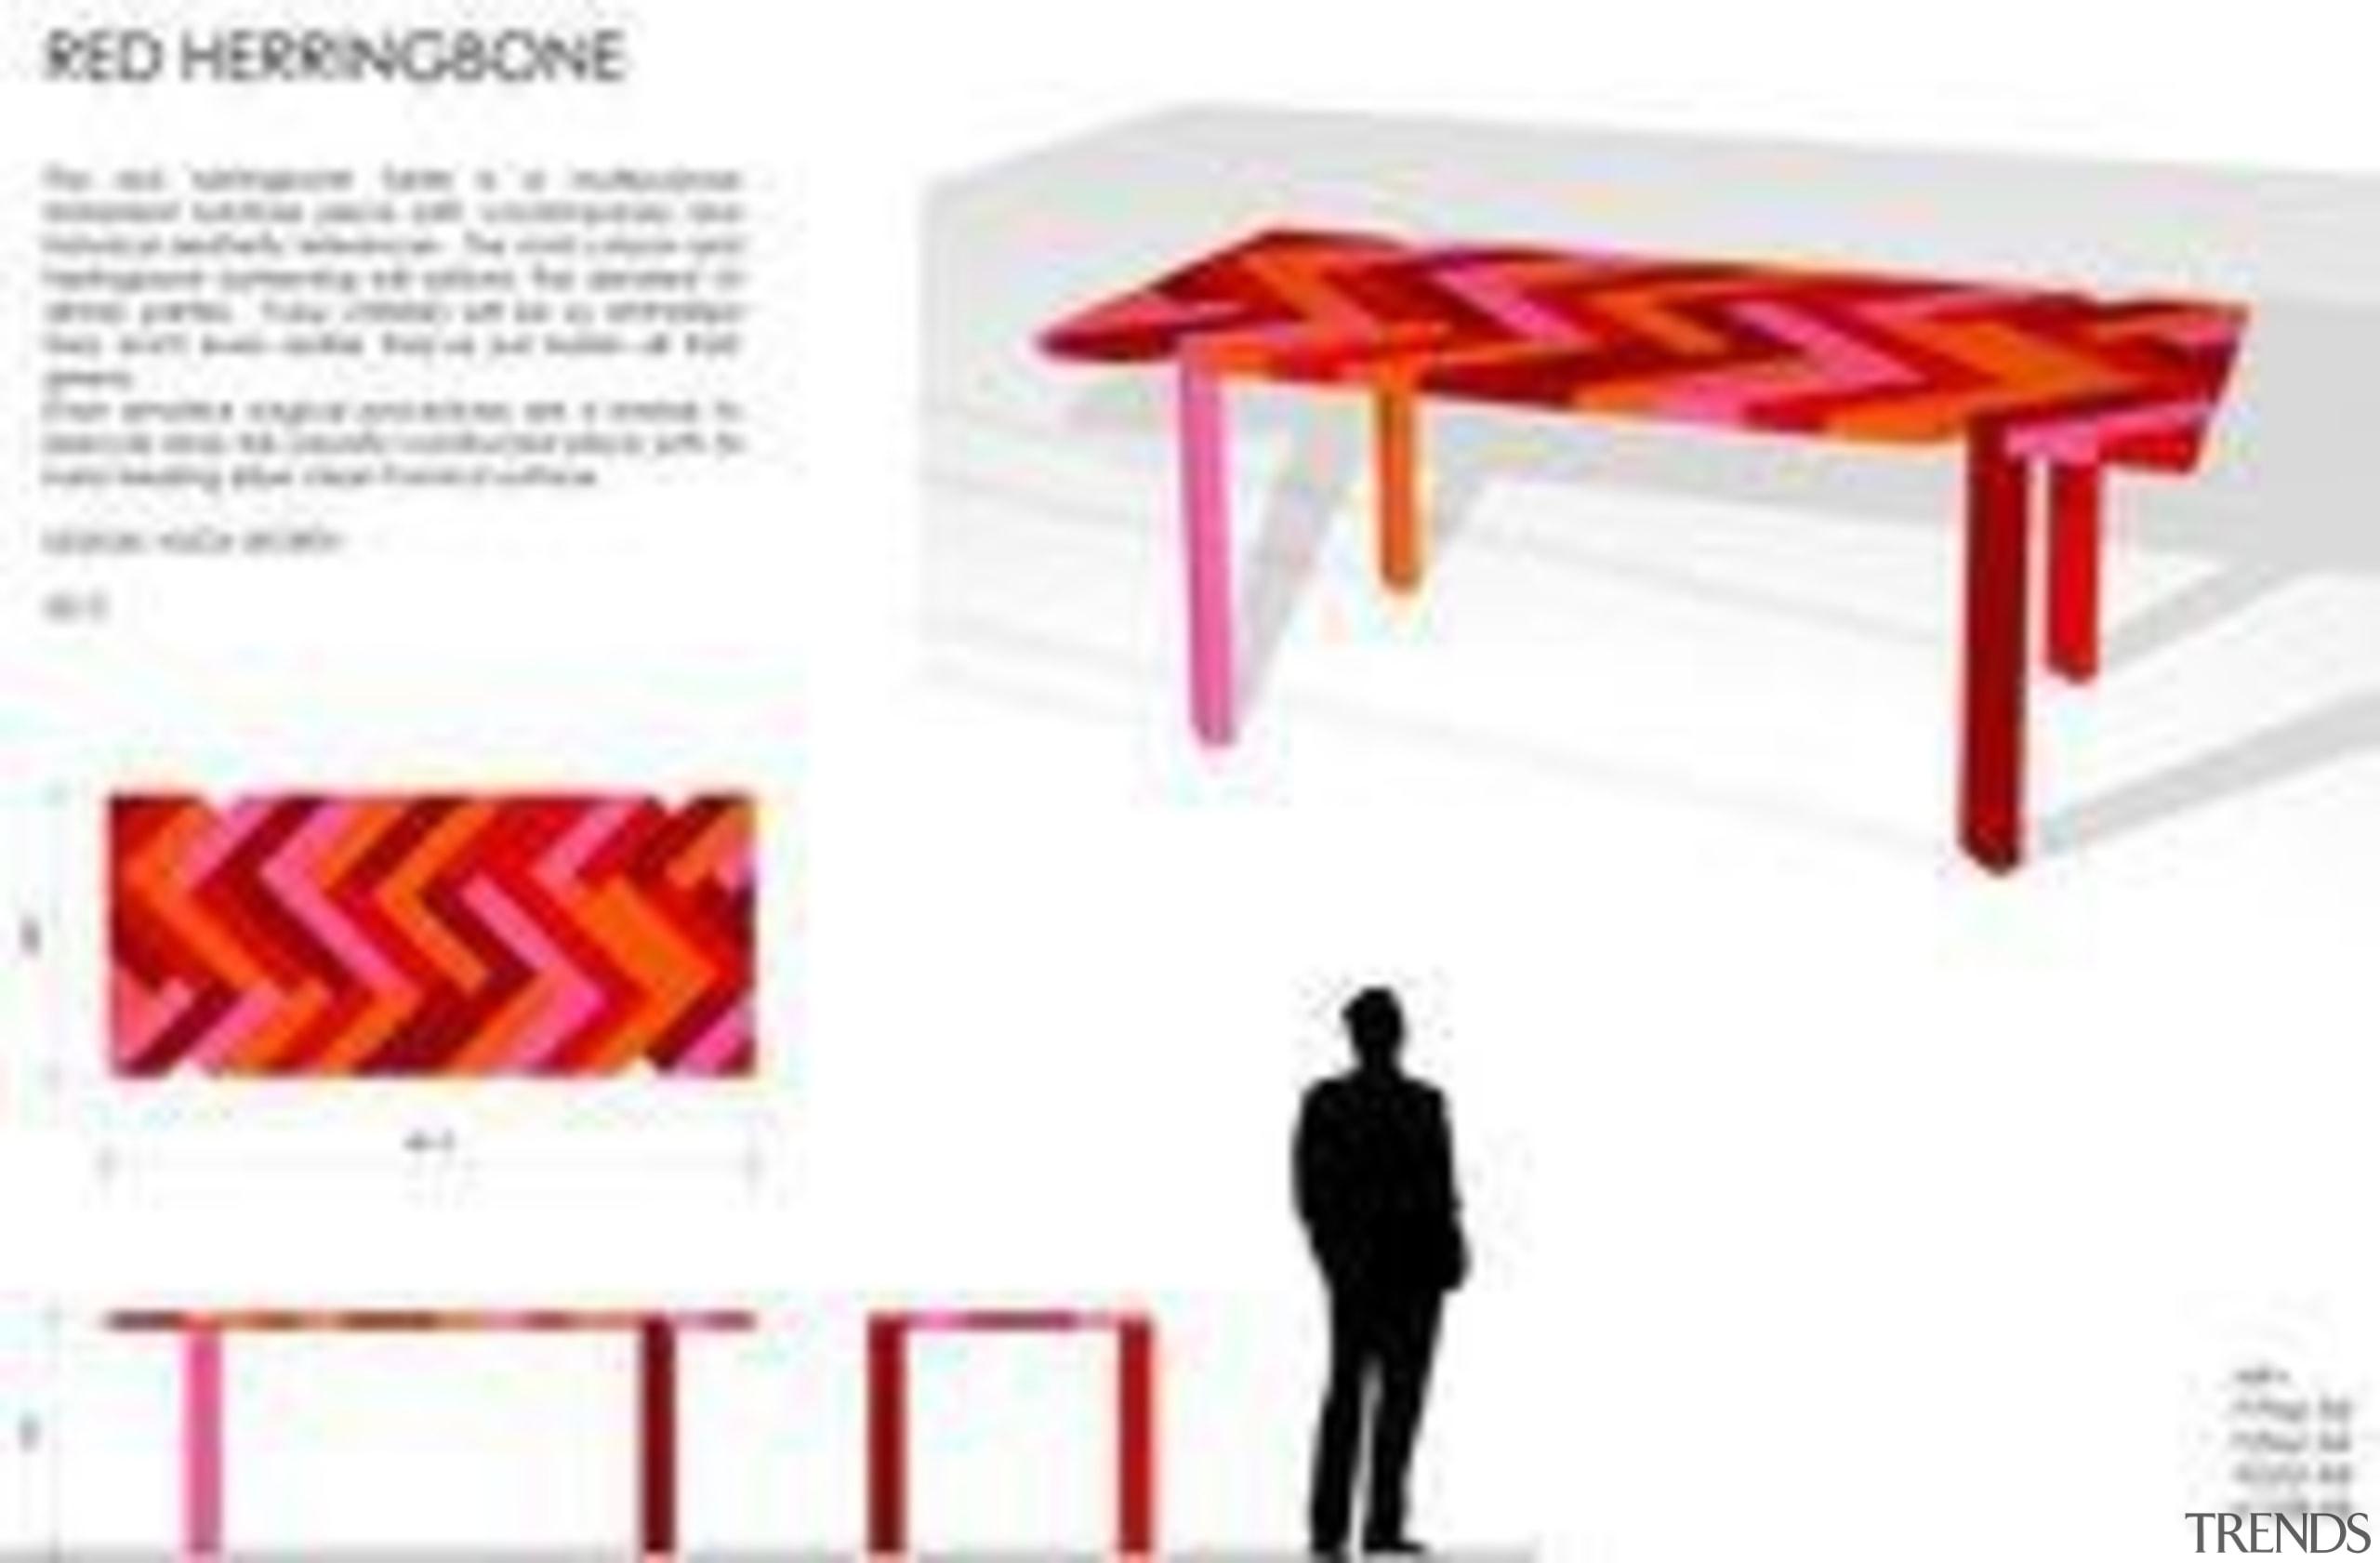 74f98eec211d87243b281c43b33ec196.jpg - 74f98eec211d87243b281c43b33ec196.jpg - furniture | line | furniture, line, product, product design, red, table, text, white